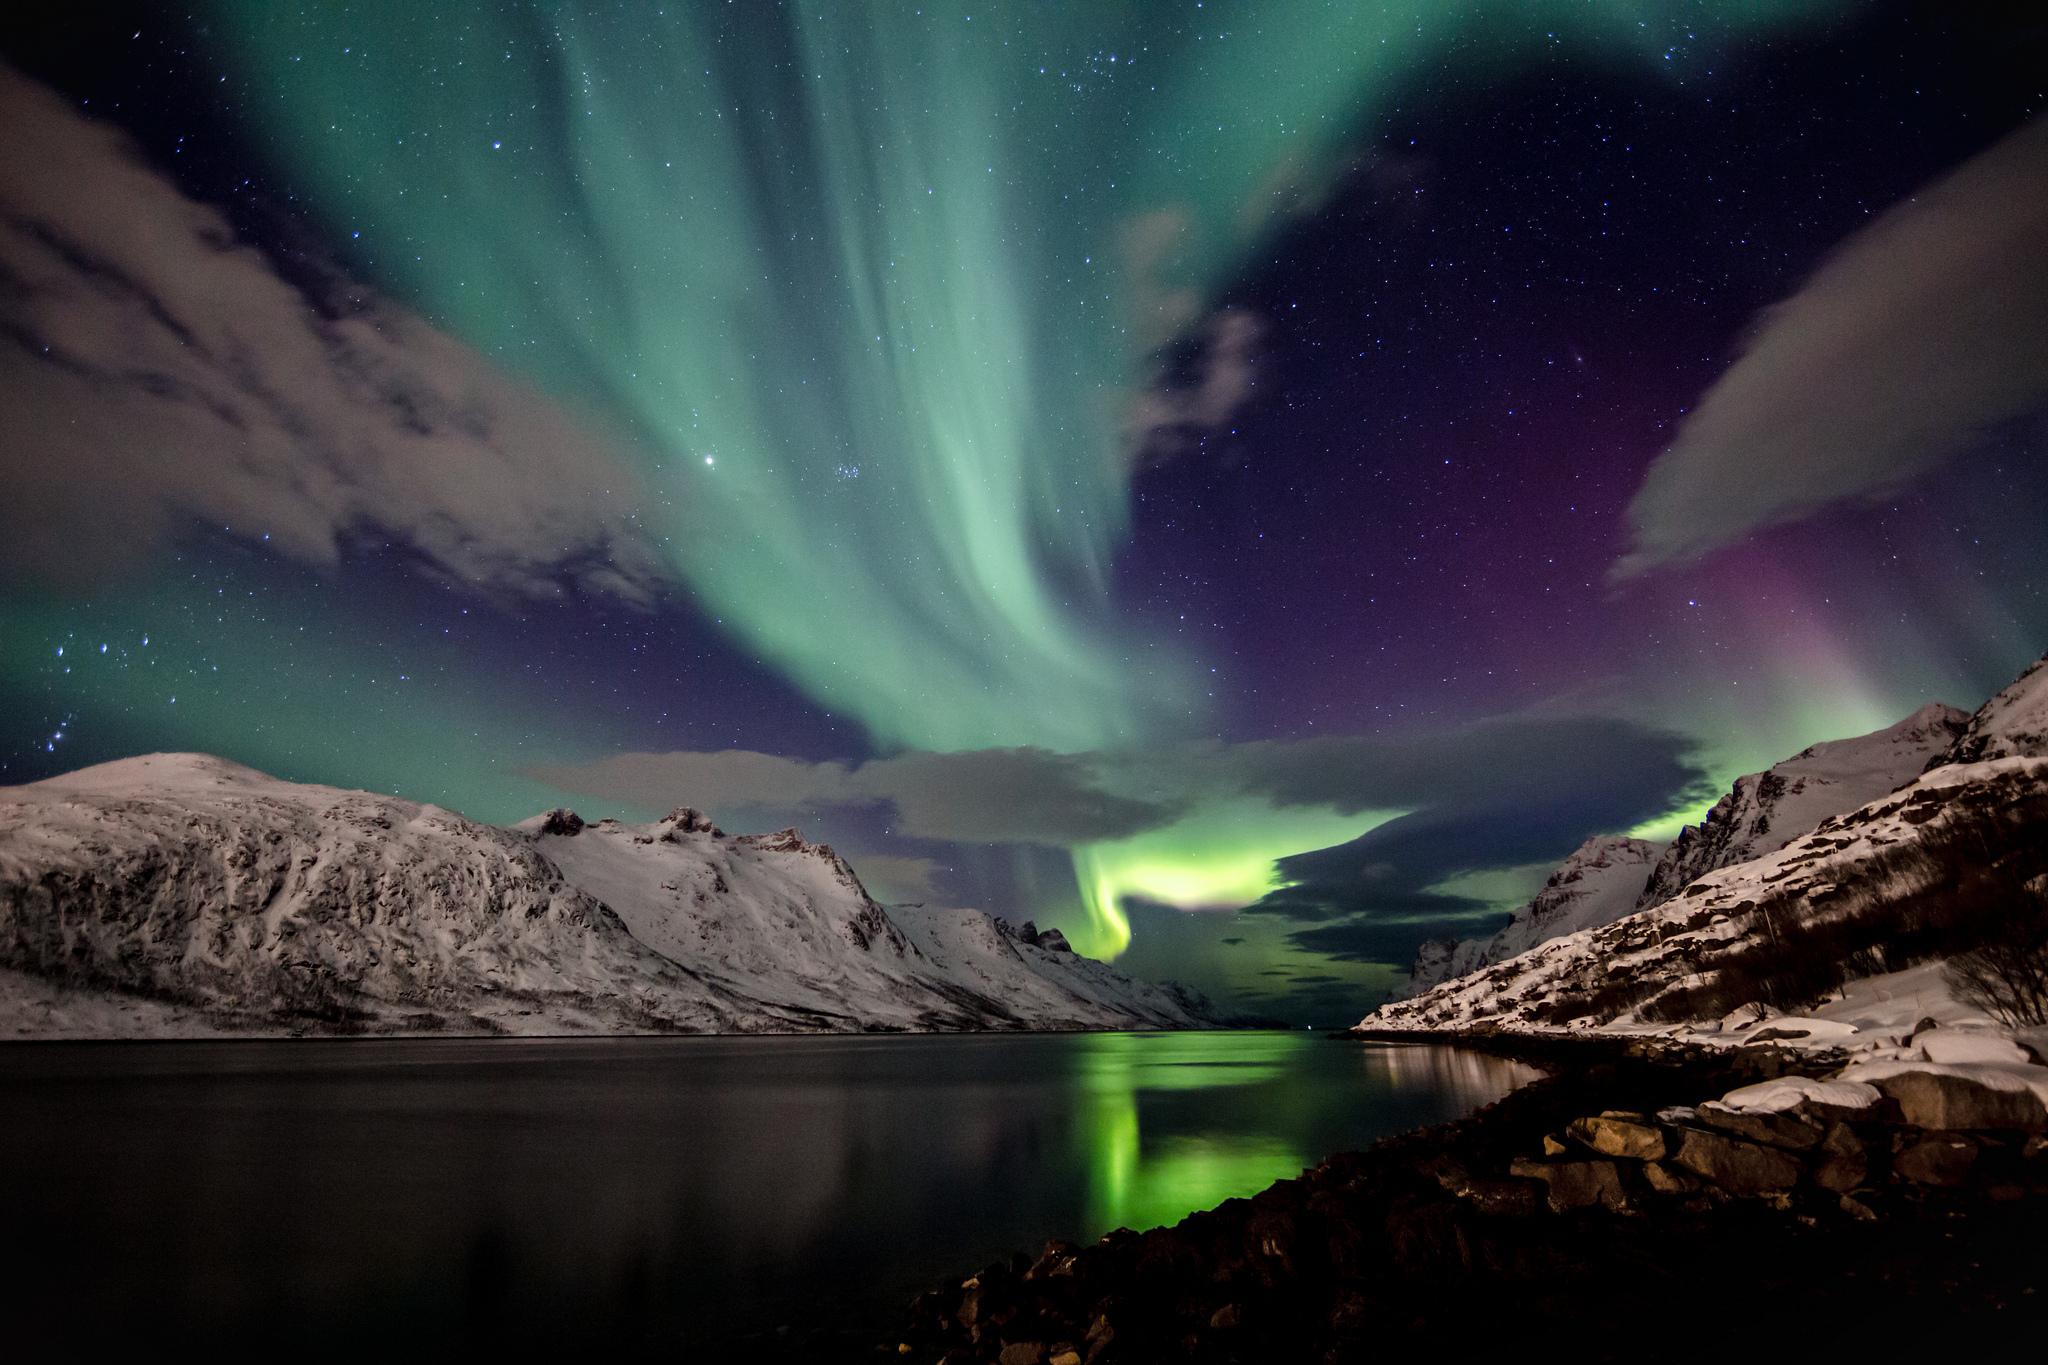 Aurora boreale sfondi per pc 2048x1365 id 487814 for Aurora boreale sfondo